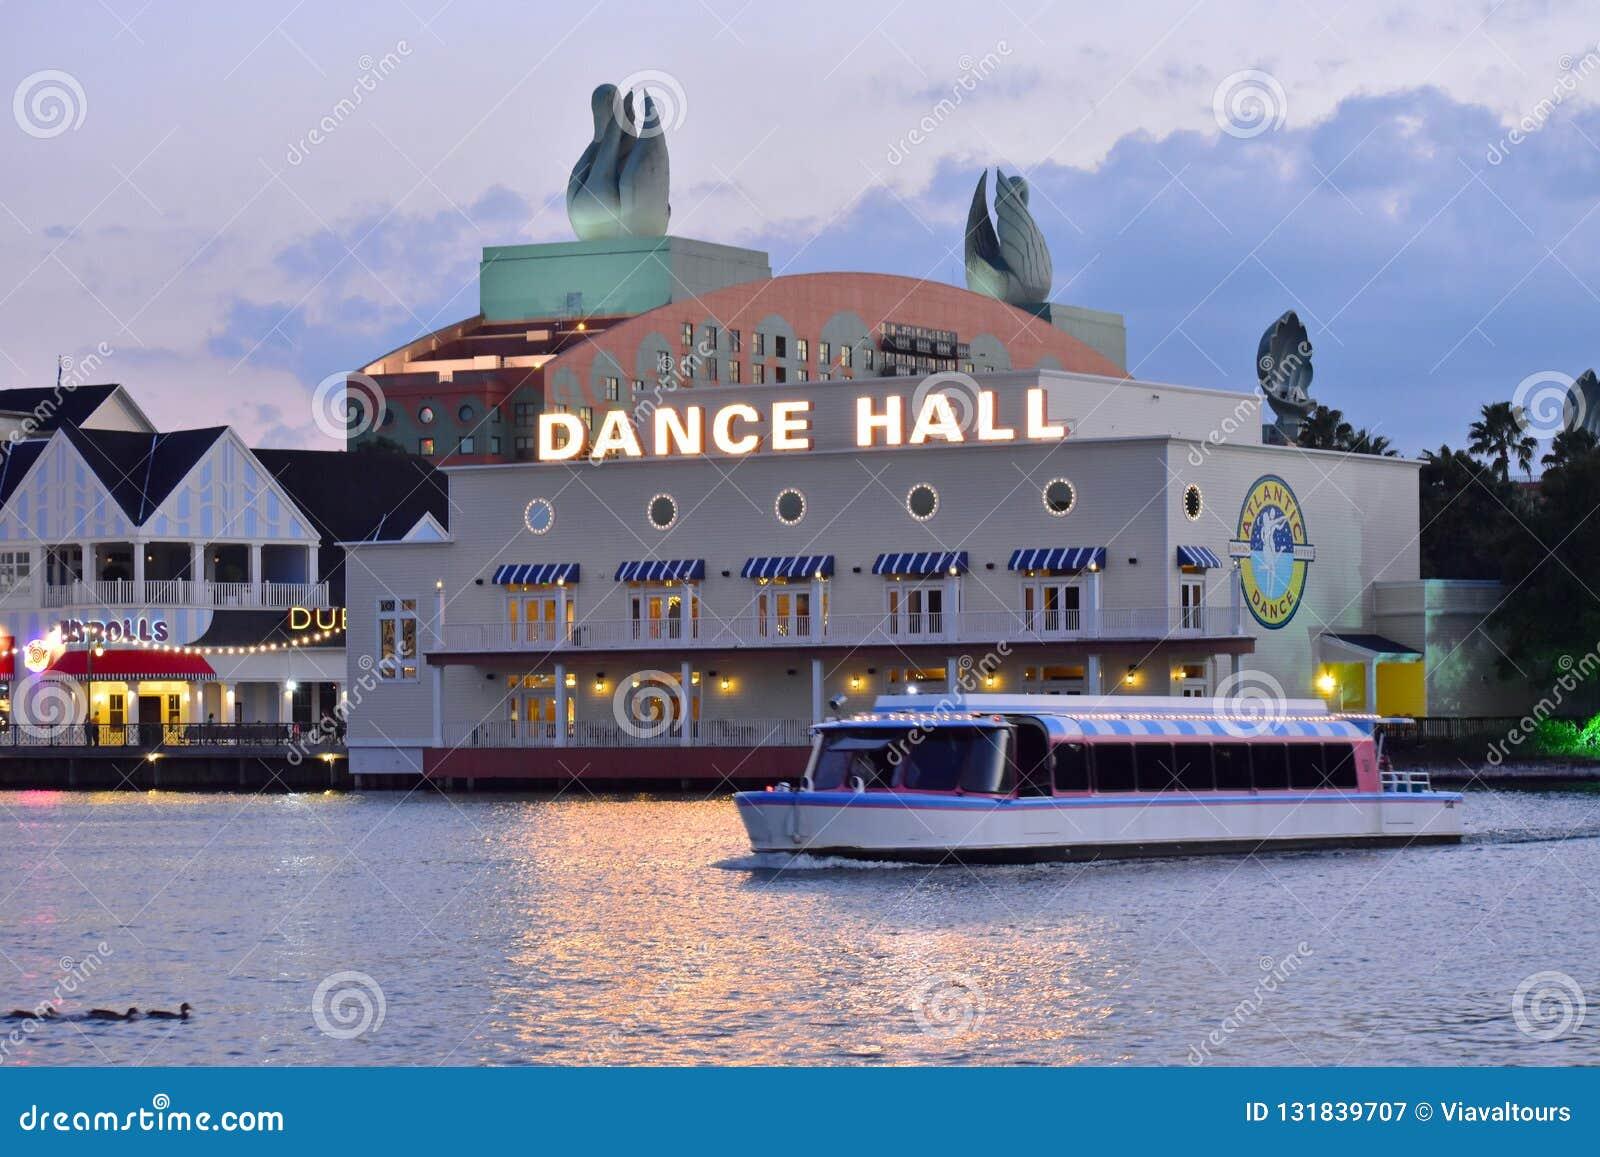 Navigação do barco do táxi no lago no clube noturno, em restaurantes e no fundo coloridos do hotel no lago Bue